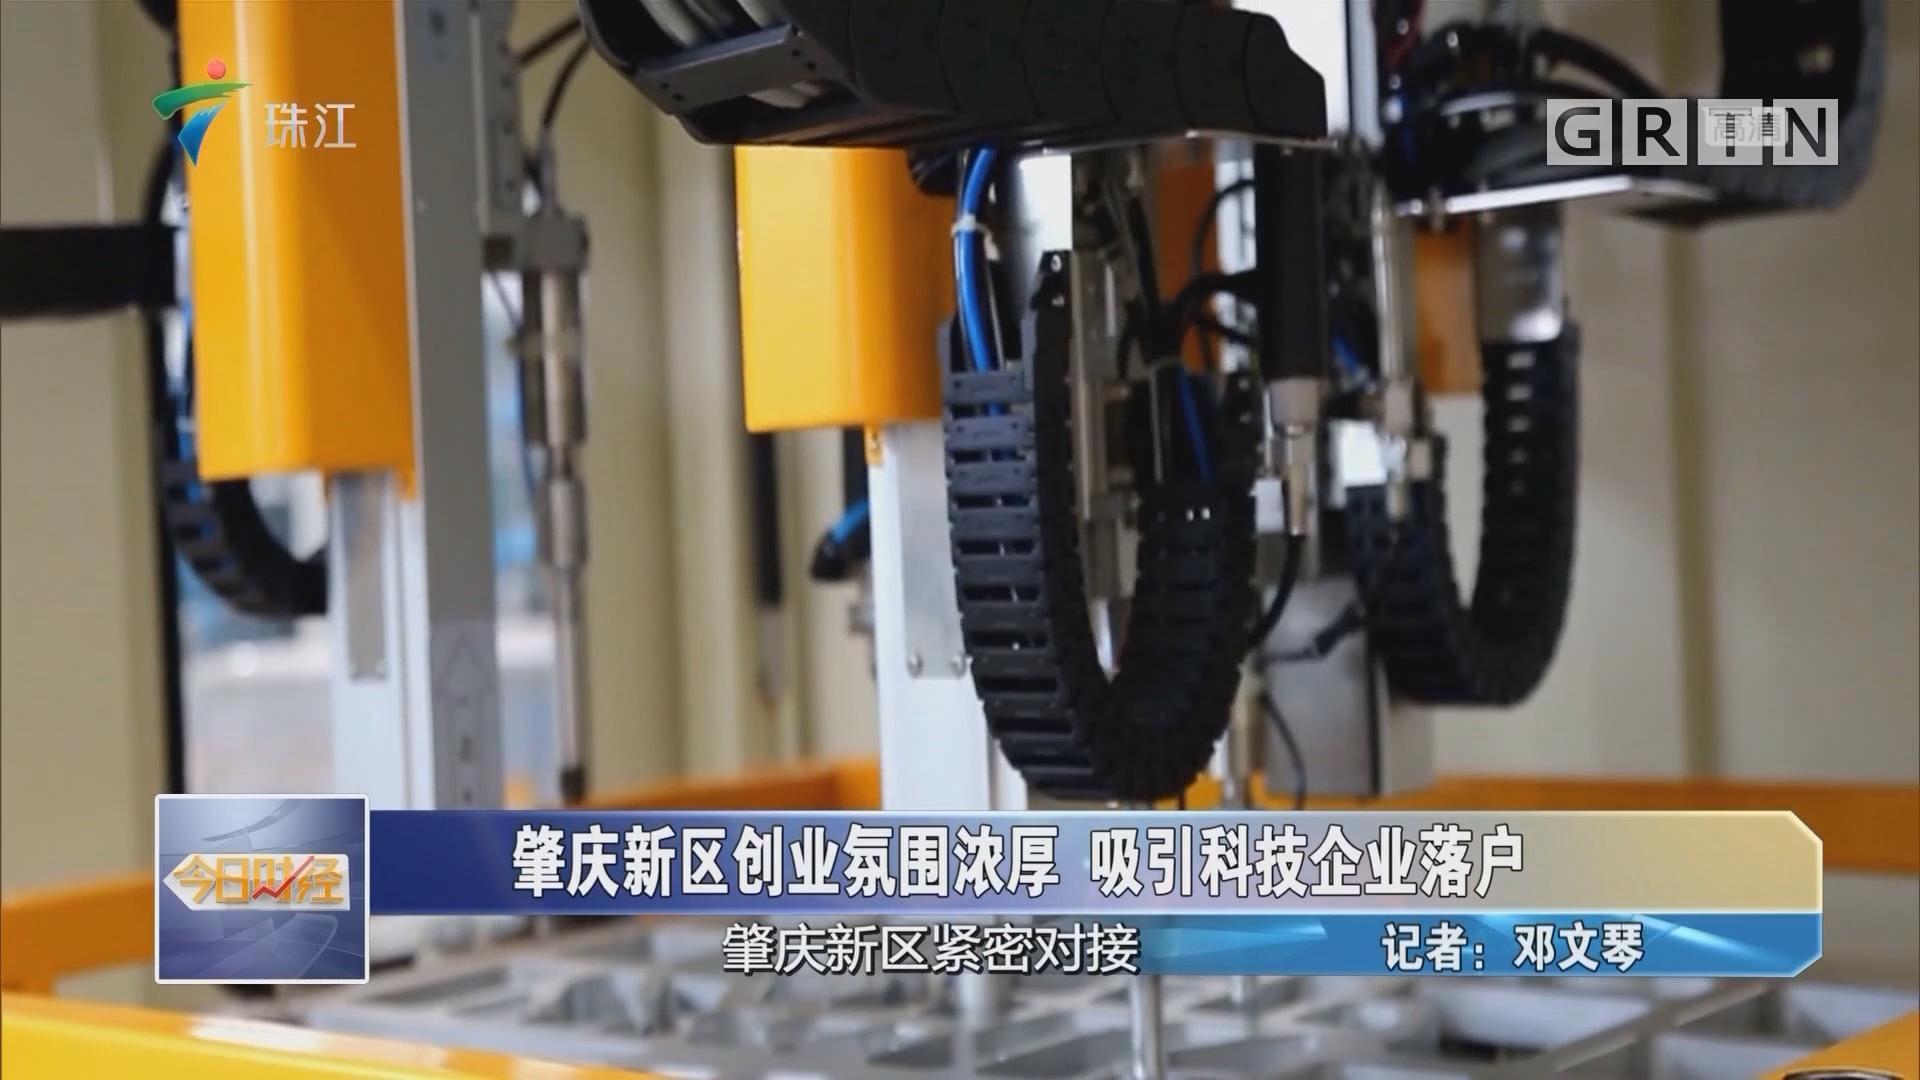 肇慶新區創業氛圍濃厚 吸引科技企業落戶